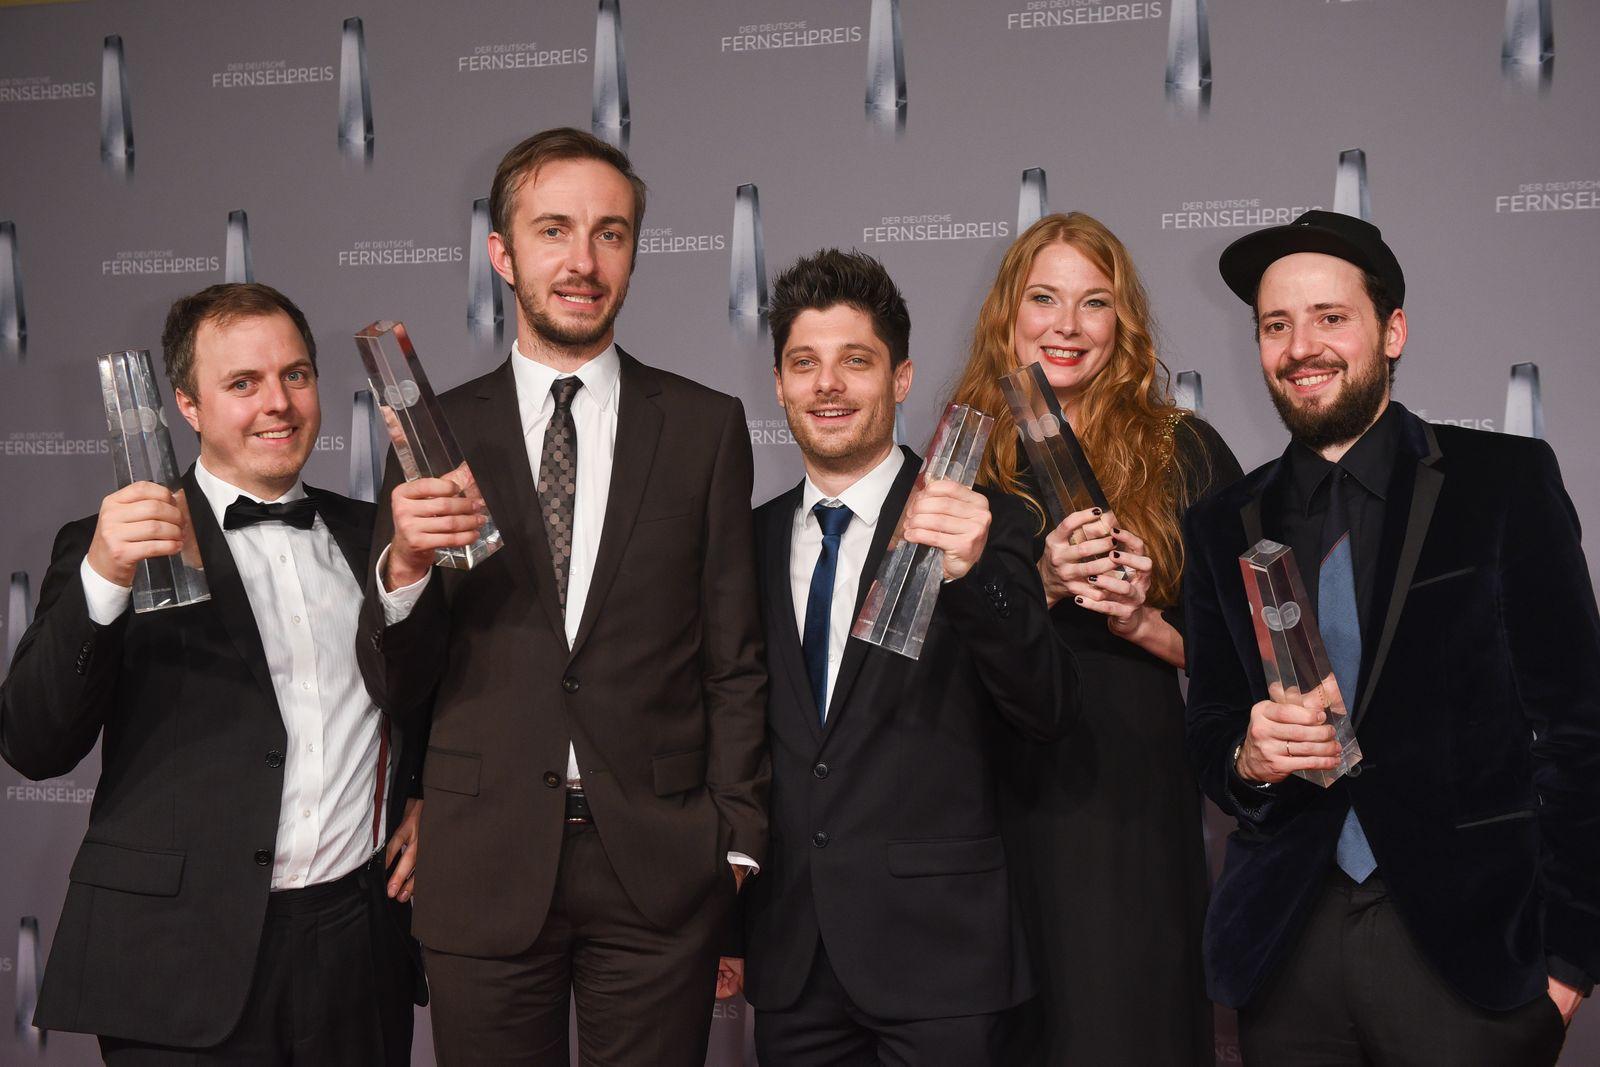 Deutscher Fernsehpreis 2016